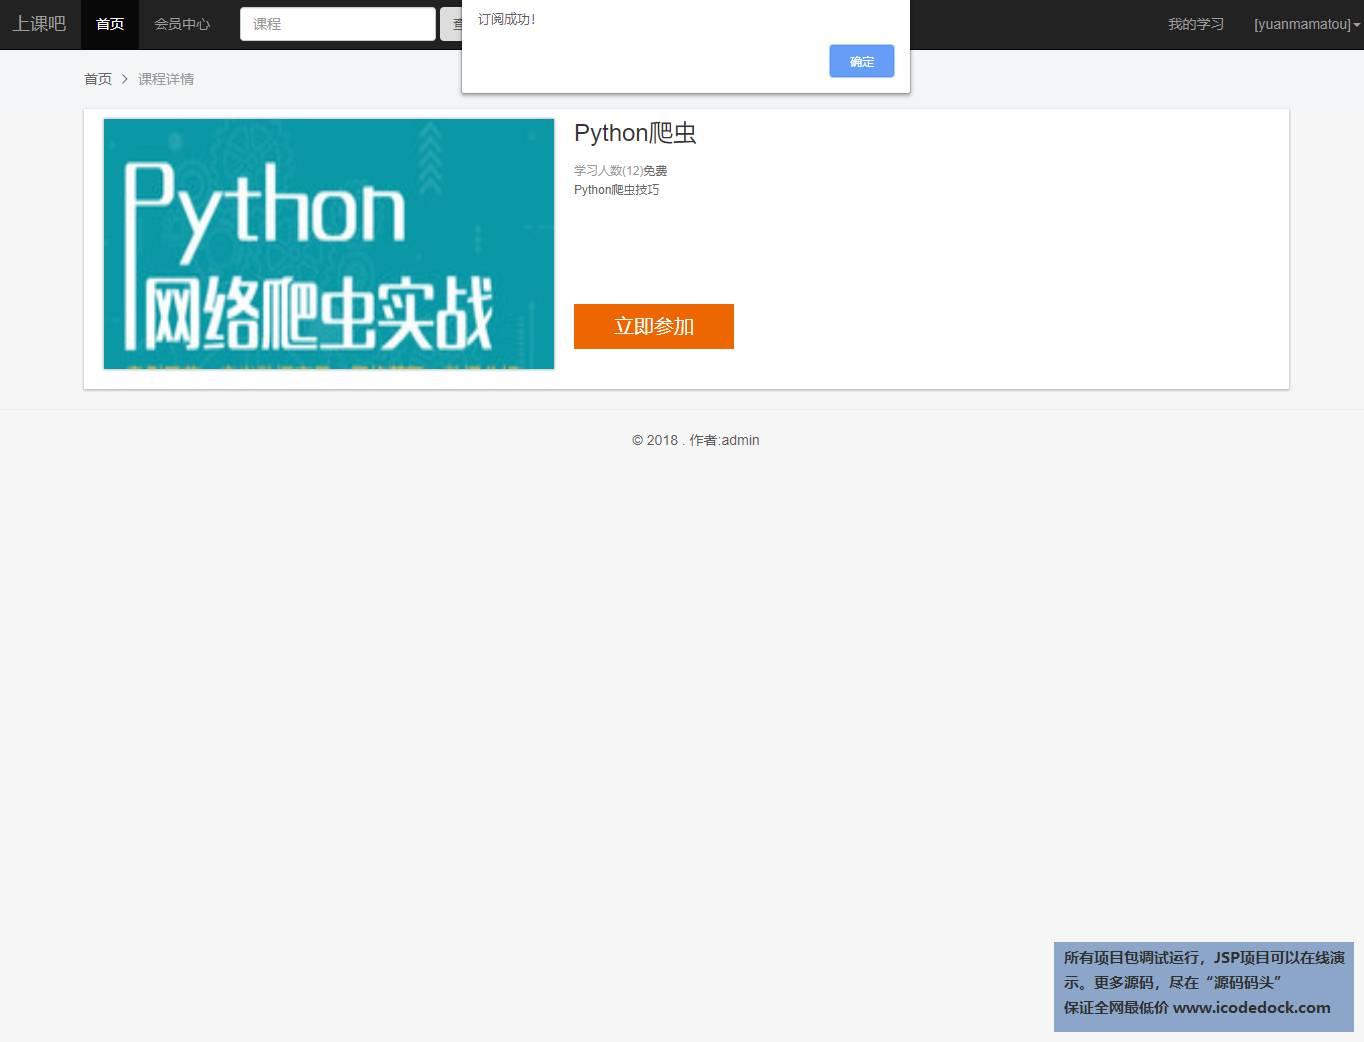 源码码头-SSM在线视频教育网站-用户角色-订阅视频